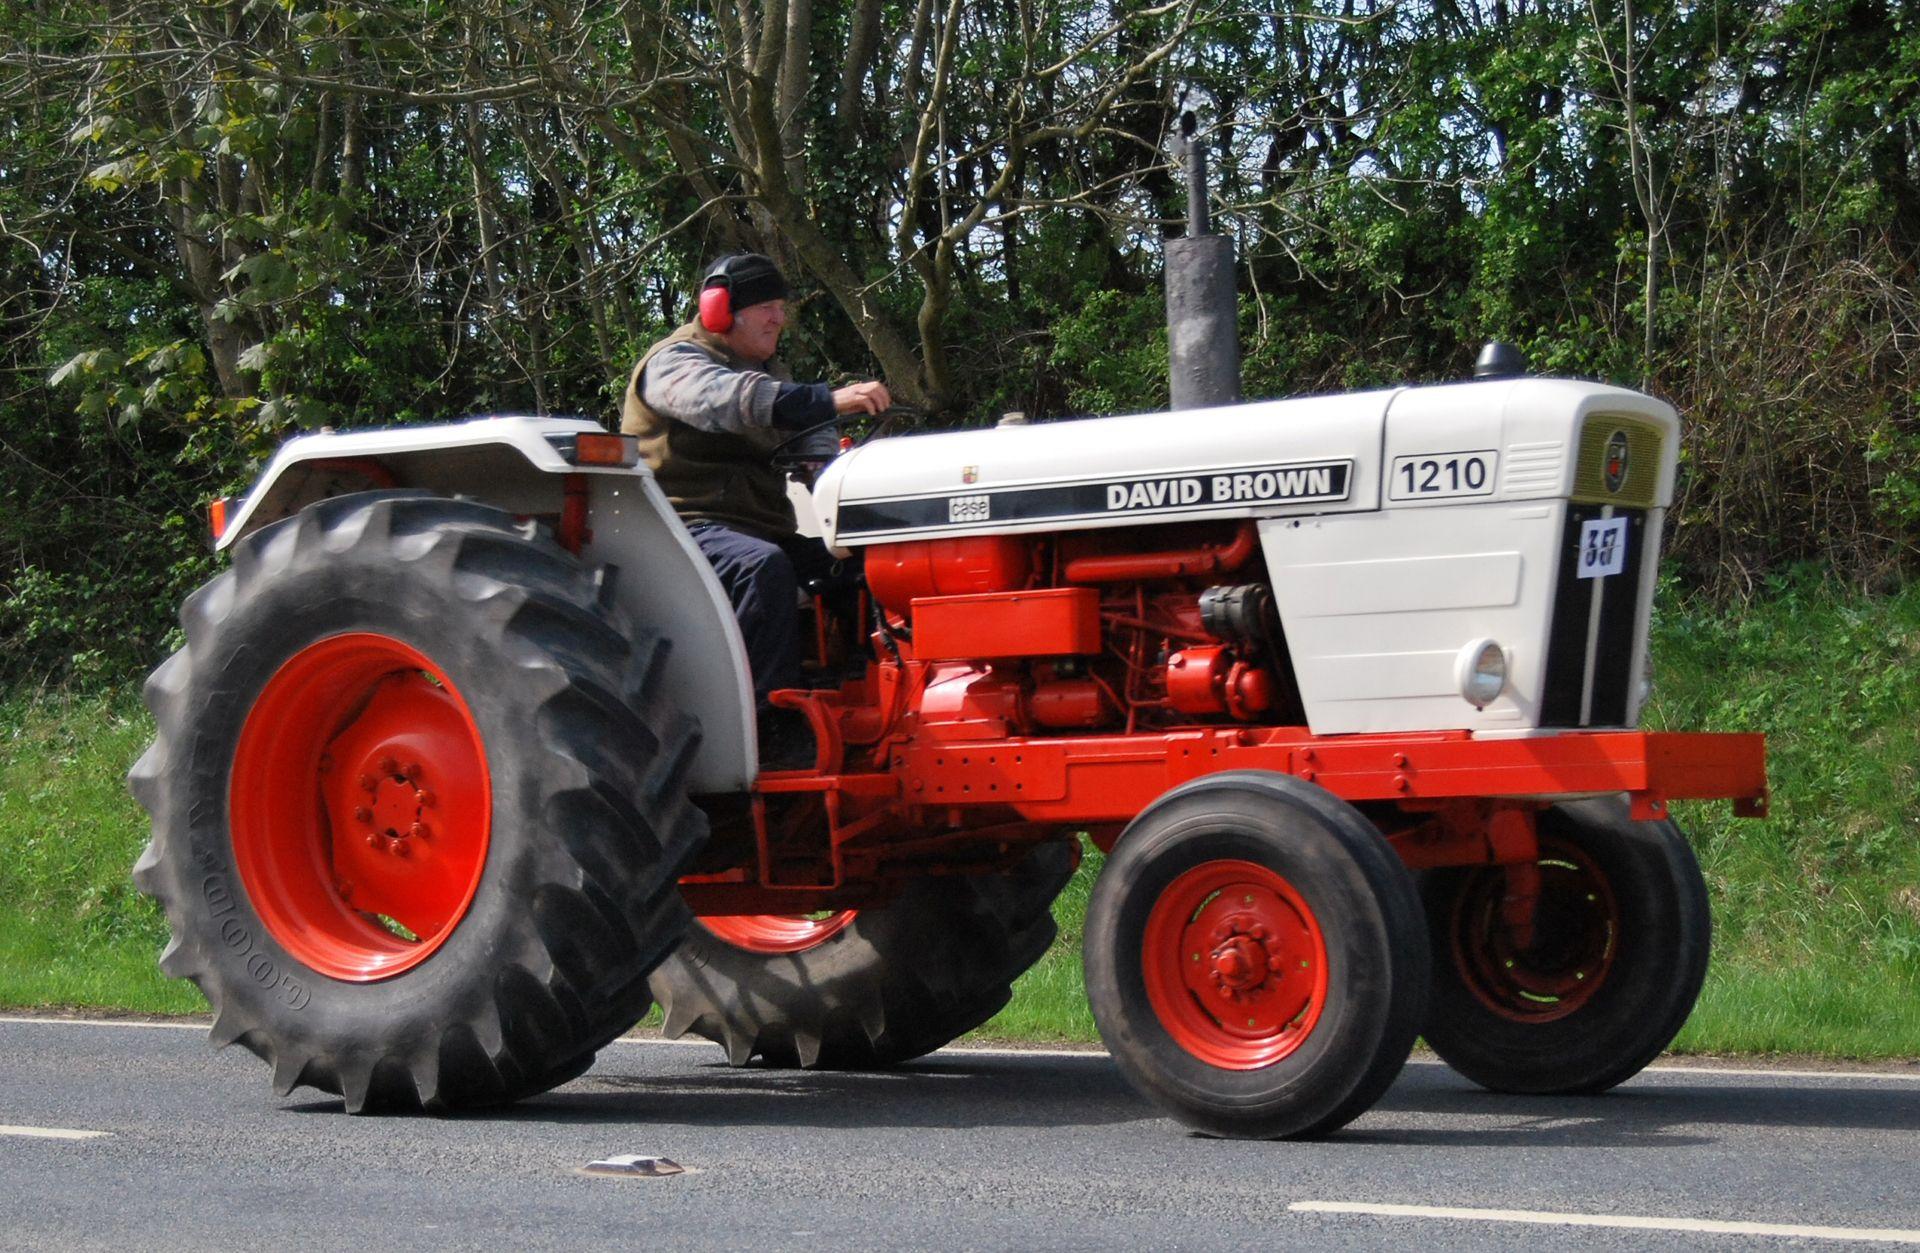 Case-David Brown 1210 | ☼ Tractor Mania ☼